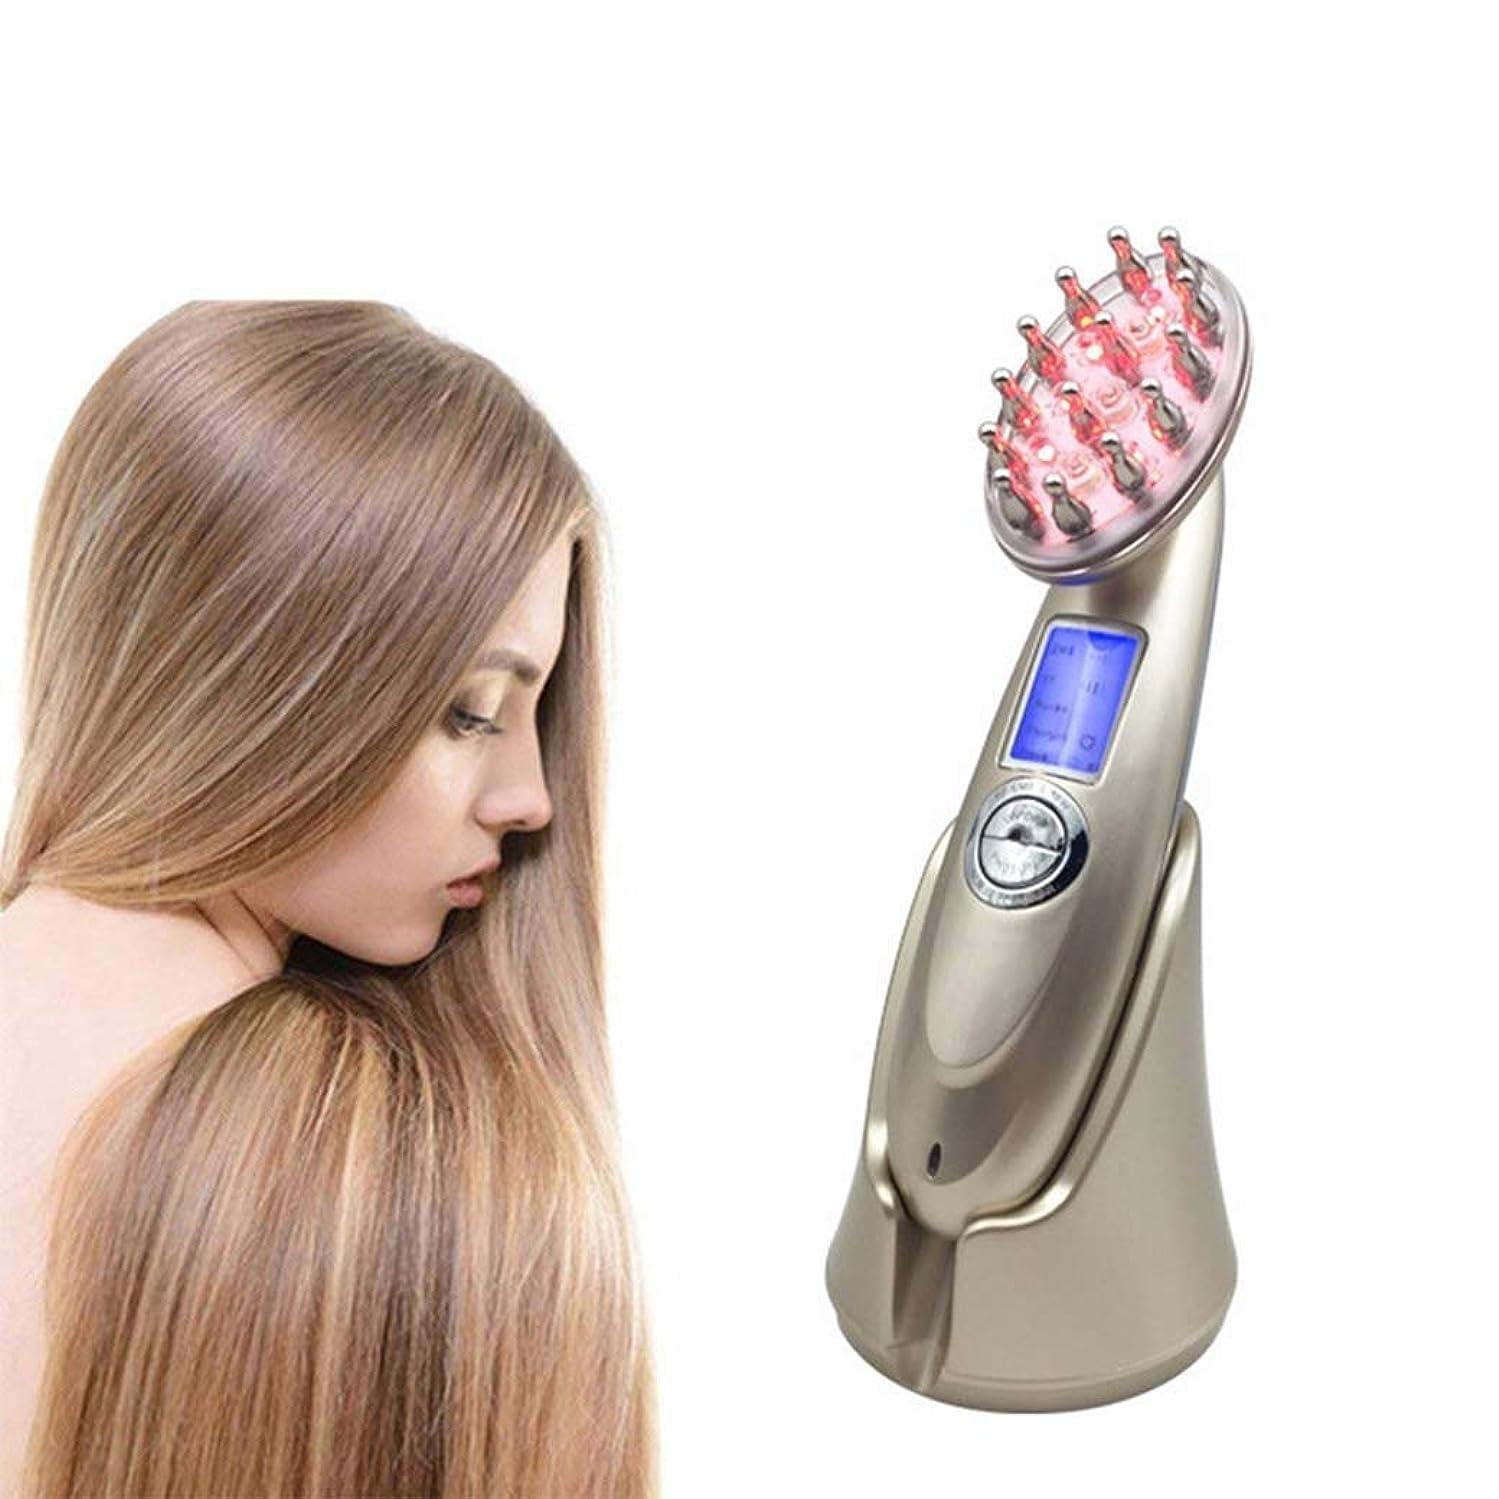 ケント五すばらしいです脱毛治療装置、レーザー+ LED光療法脱毛ブラシ、ヘッドマッサージコーム、毛成長マッサージ、男性または女性用の抗脱毛コーム